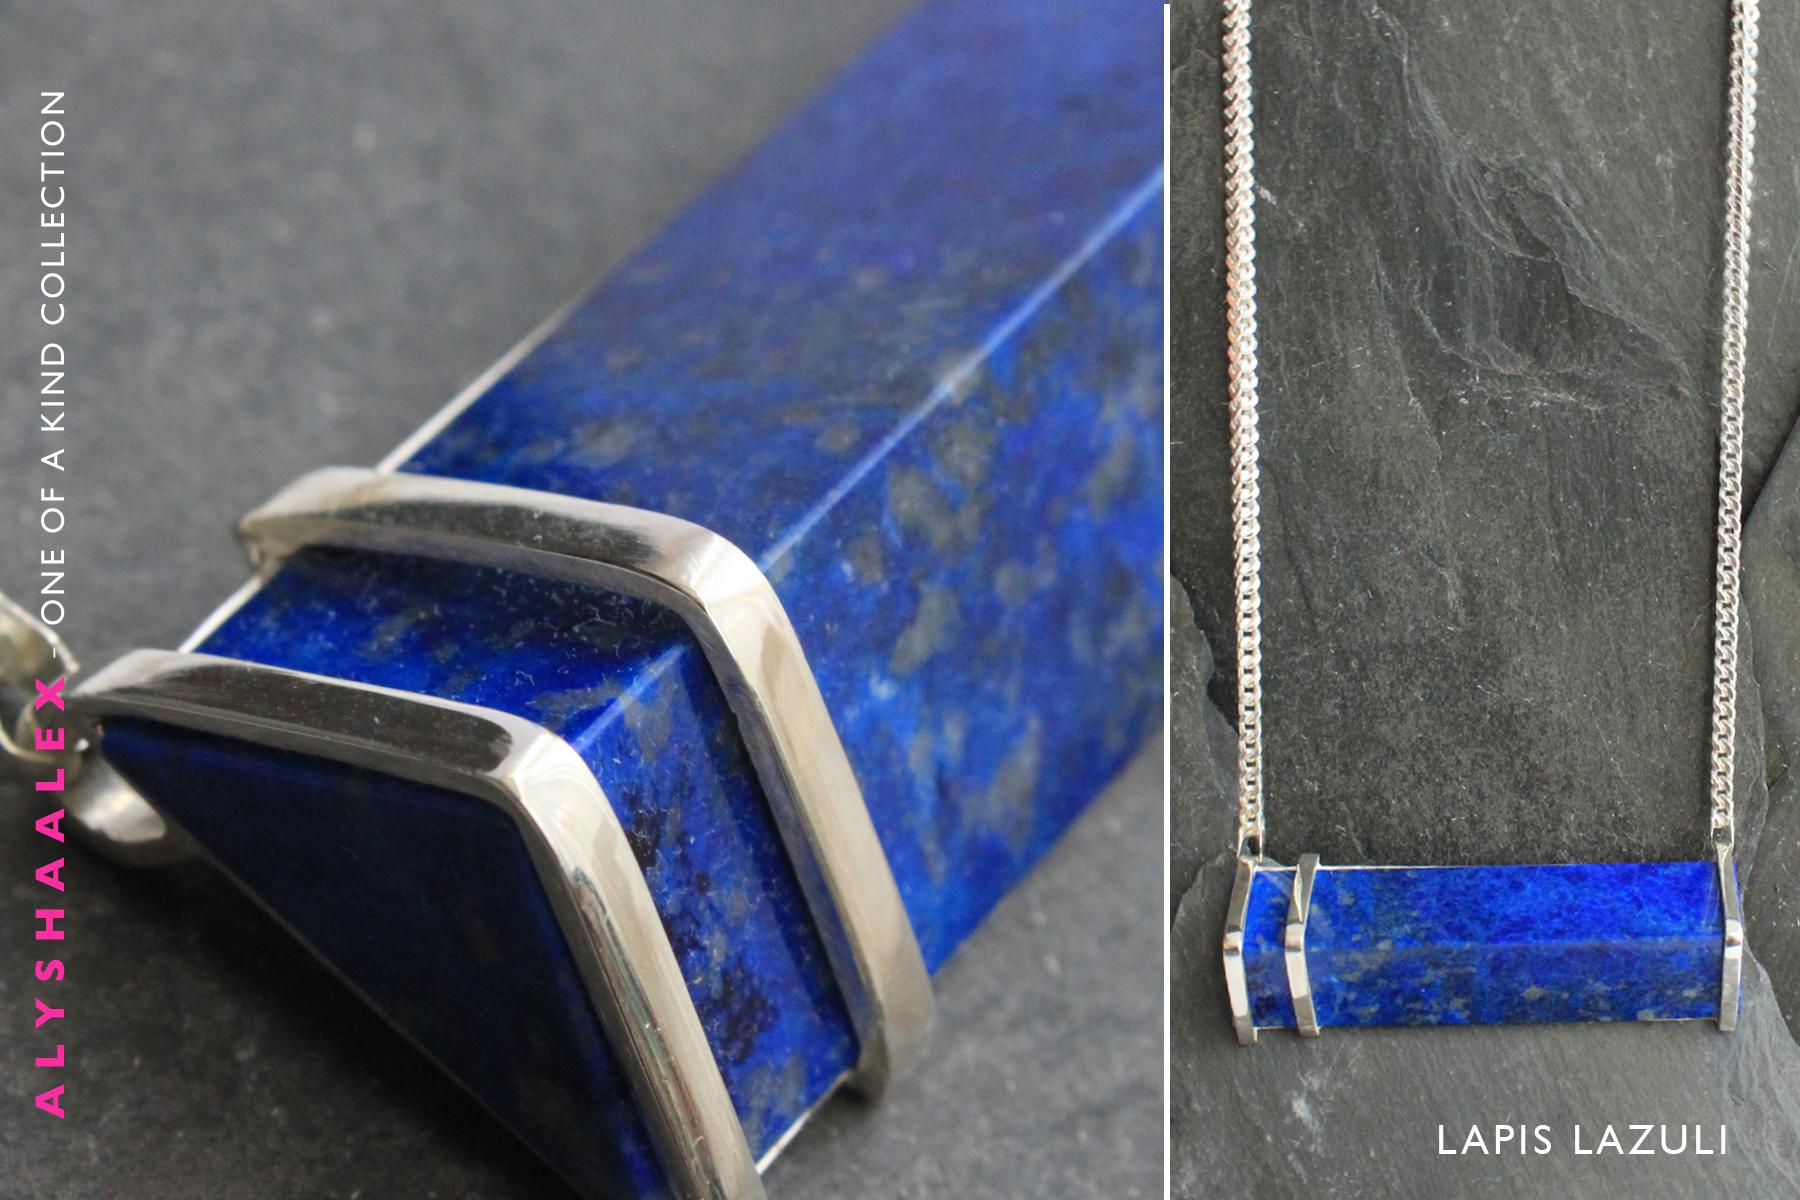 Lapis+Lazuli+prism.jpg